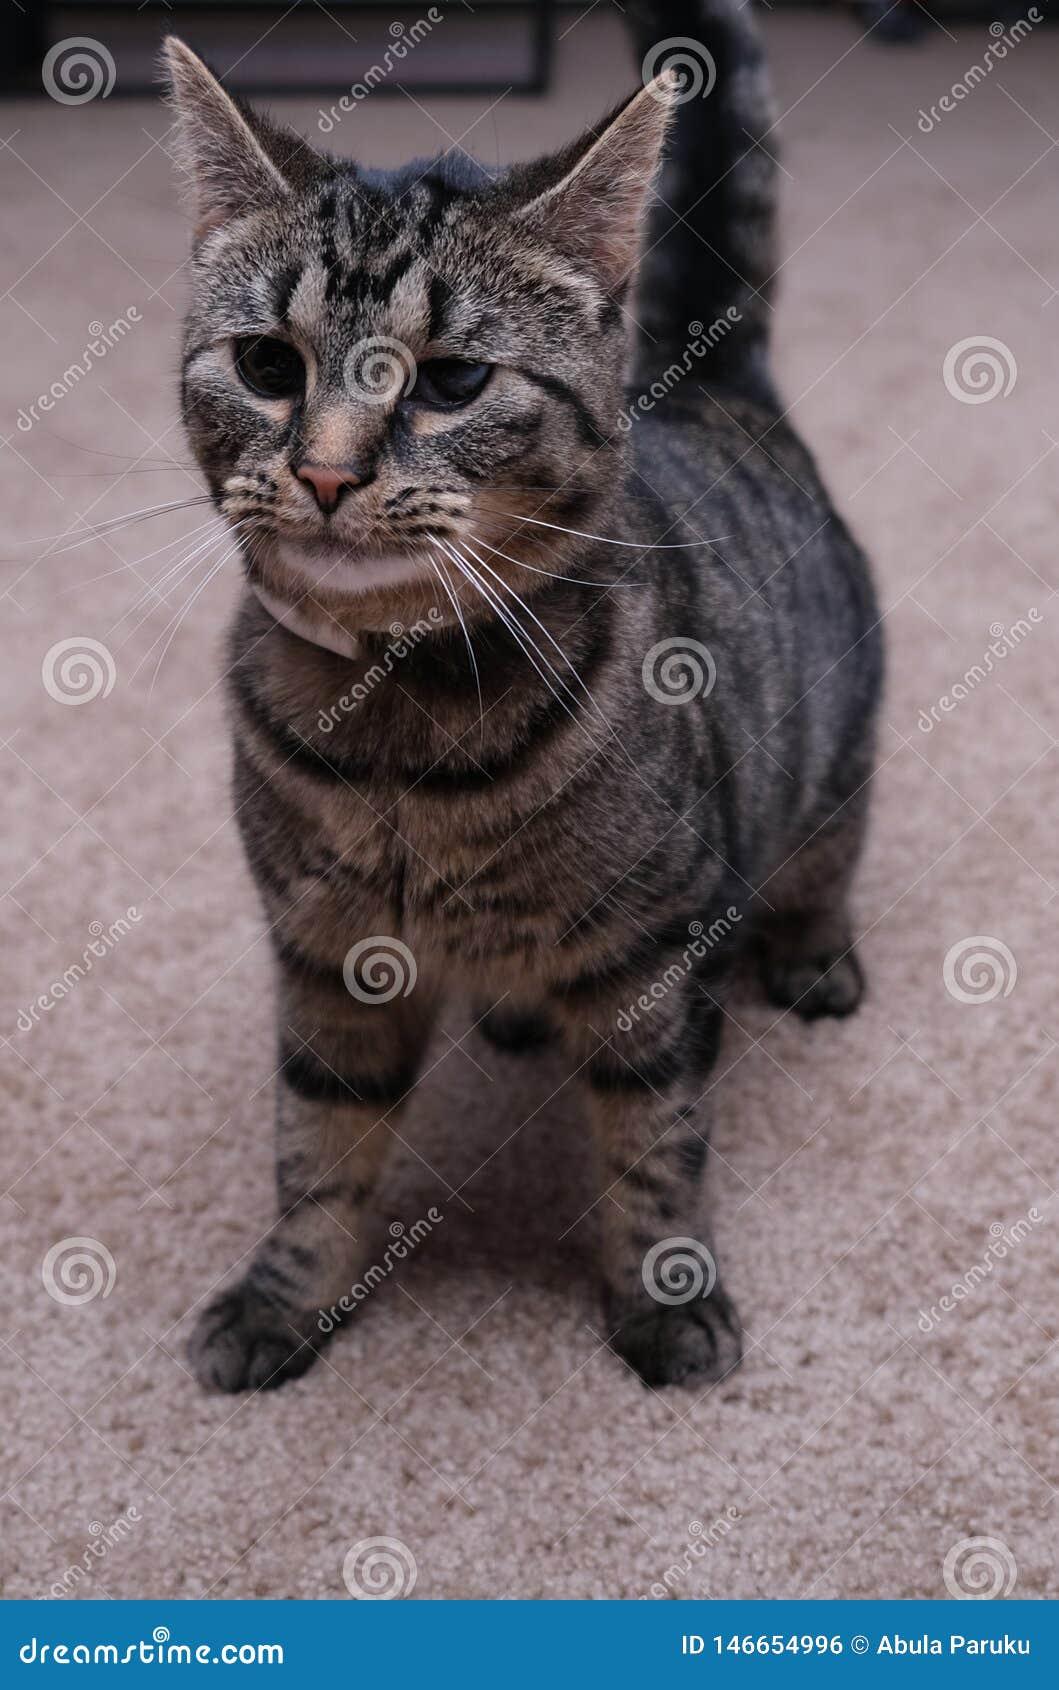 Cute Cat Indoors With Dark Eyes